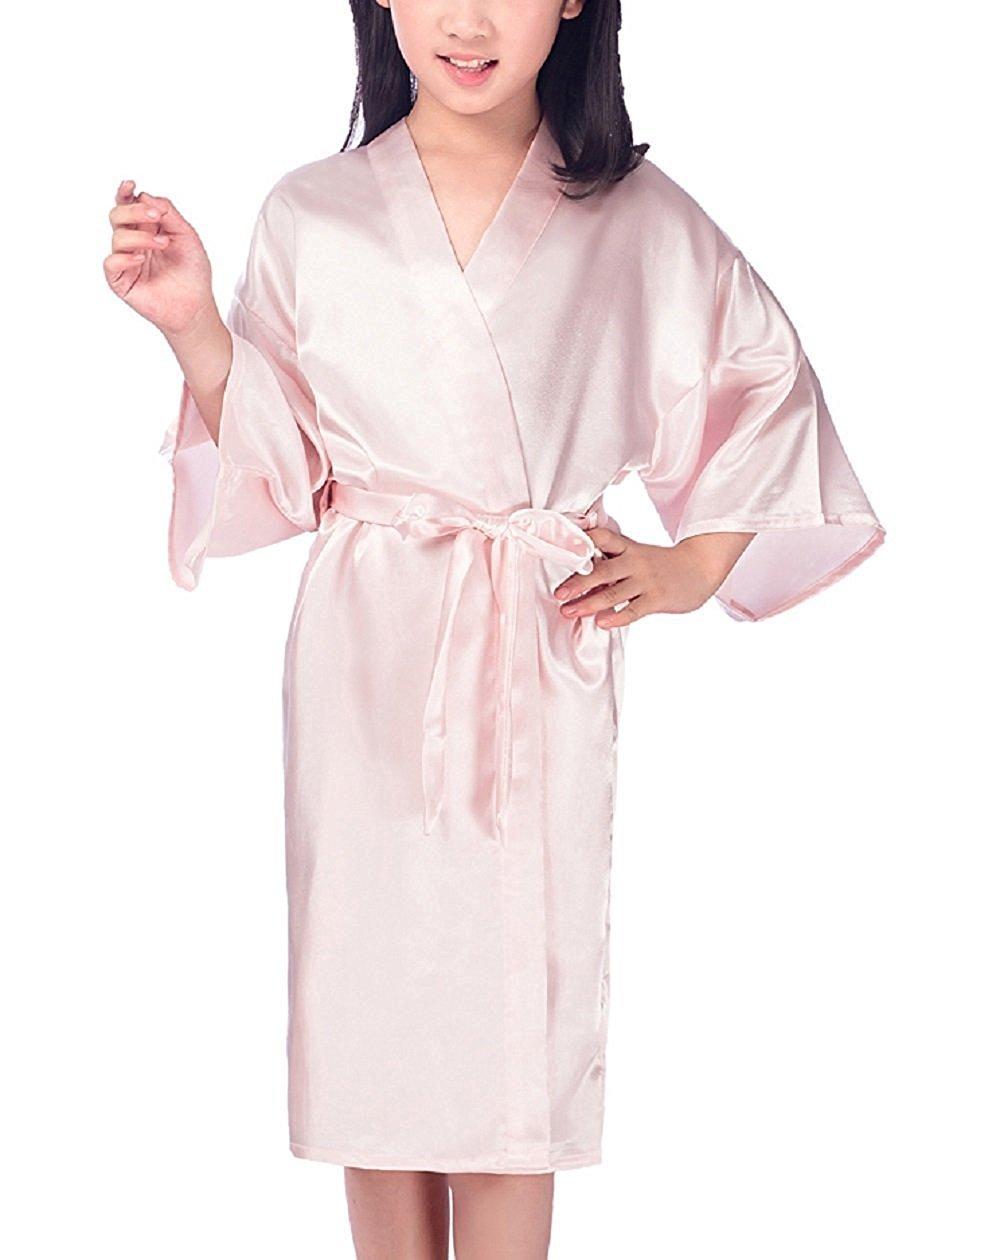 Mobarta Girls Kids' Satin Kimono Robe Fashion Bathrobe Silk Nightgown Getting Ready Robe for Wedding Spa Party Birthday Gift